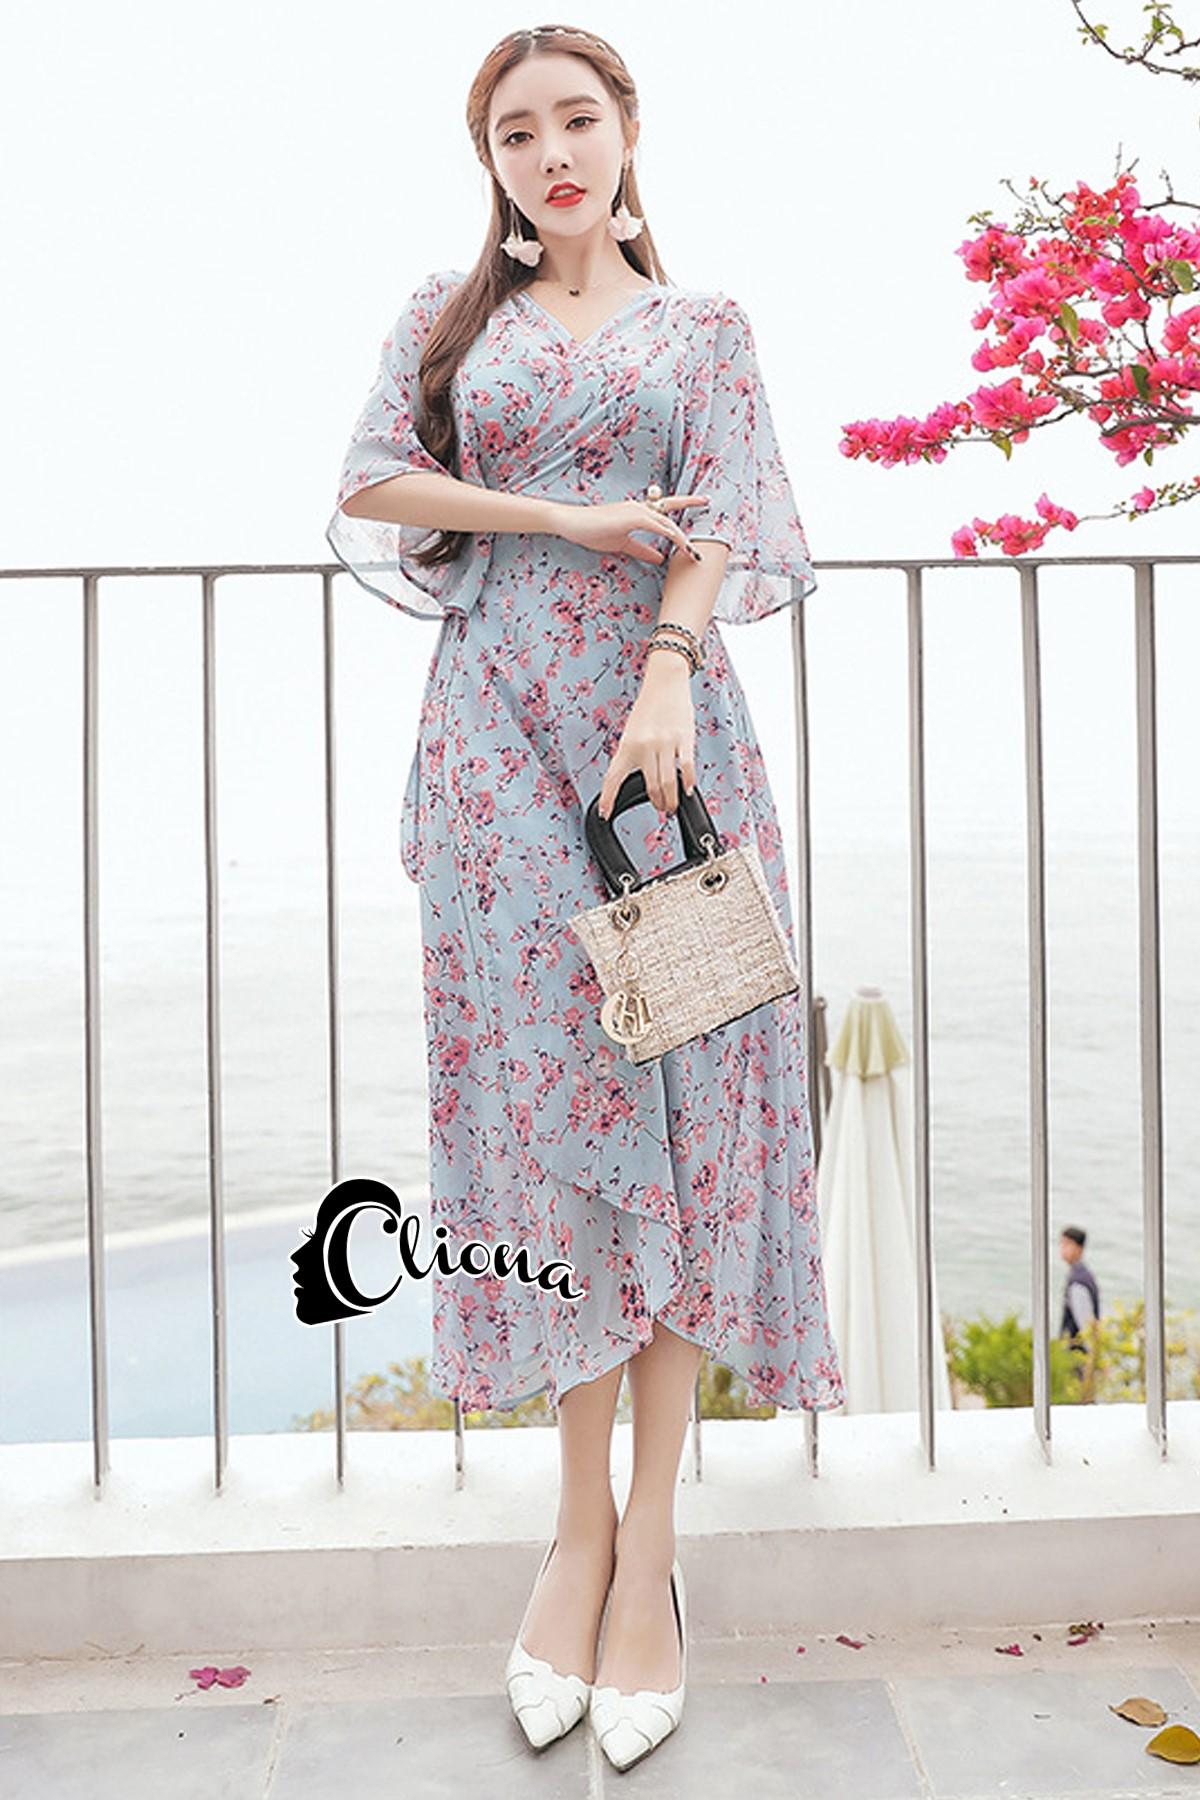 ชุดเดรสเกาหลีพร้อมส่ง เดรสลายดอก ผ้าเป็นผ้าชีฟอง ทรงเสื้อคลุม